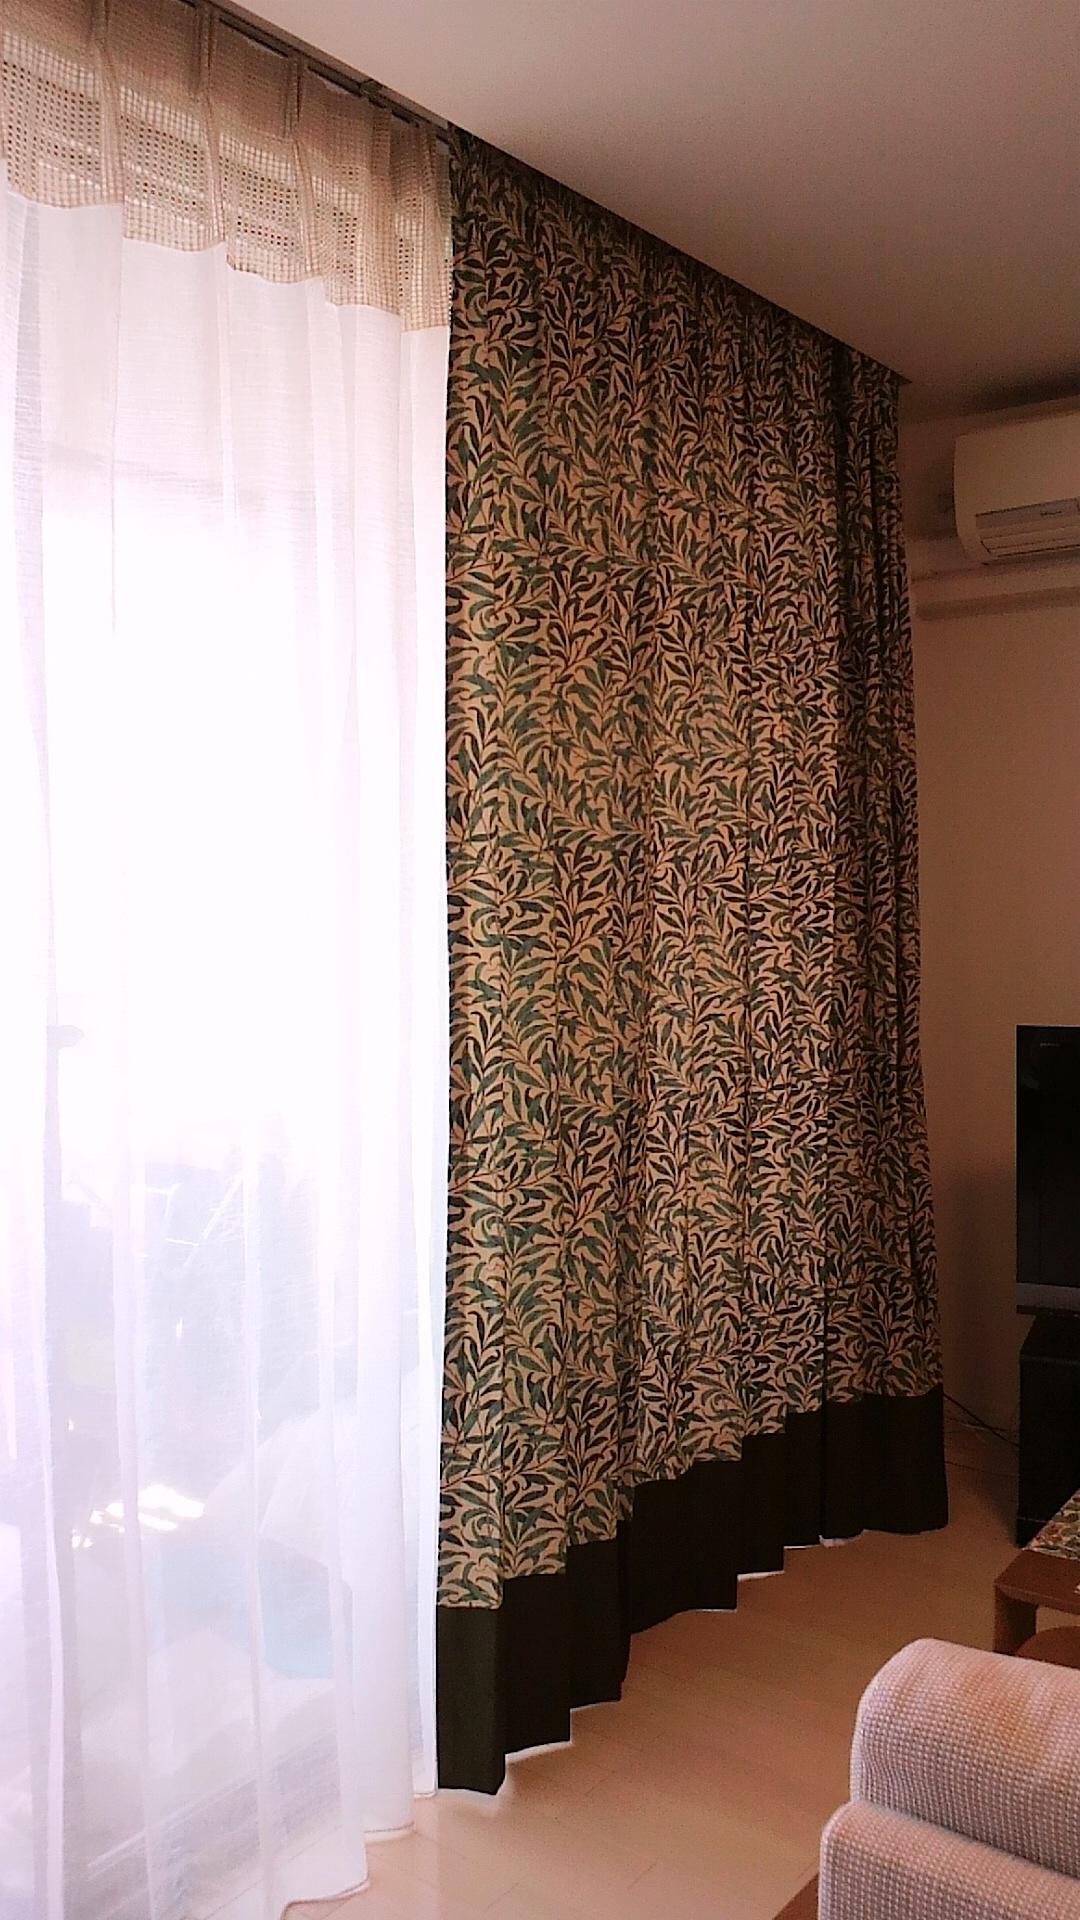 モリスのカーテンリフォーム | オーダーカーテンと壁紙のブライト